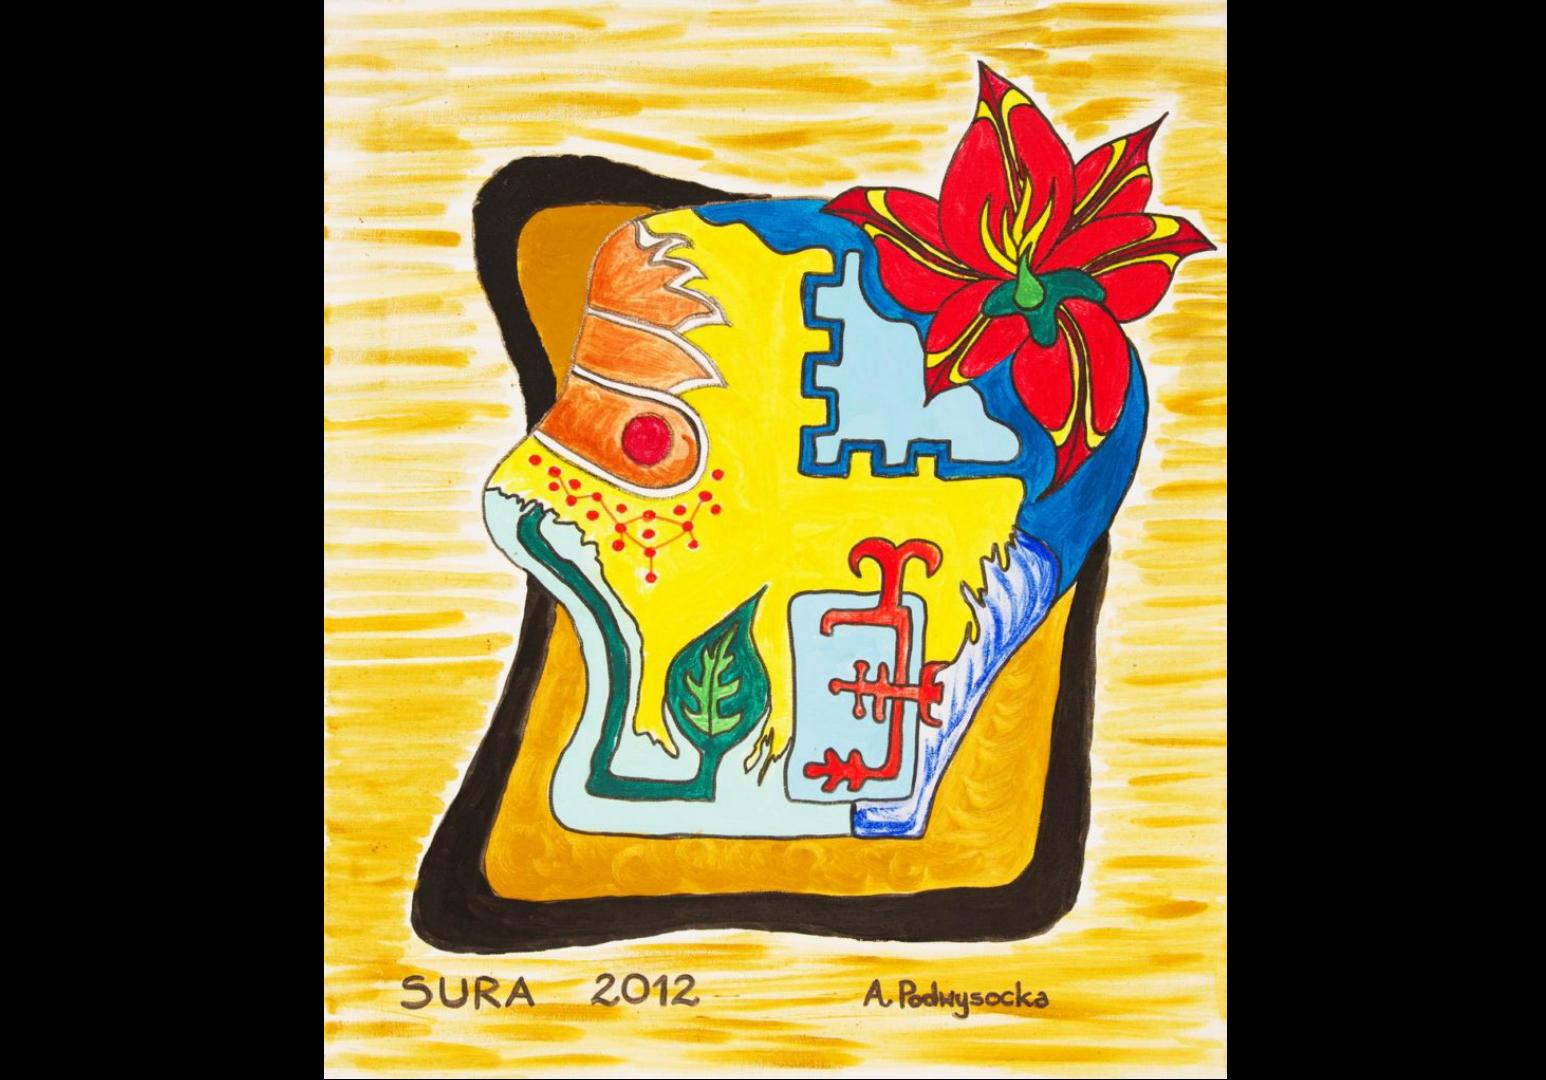 <h3>SURA